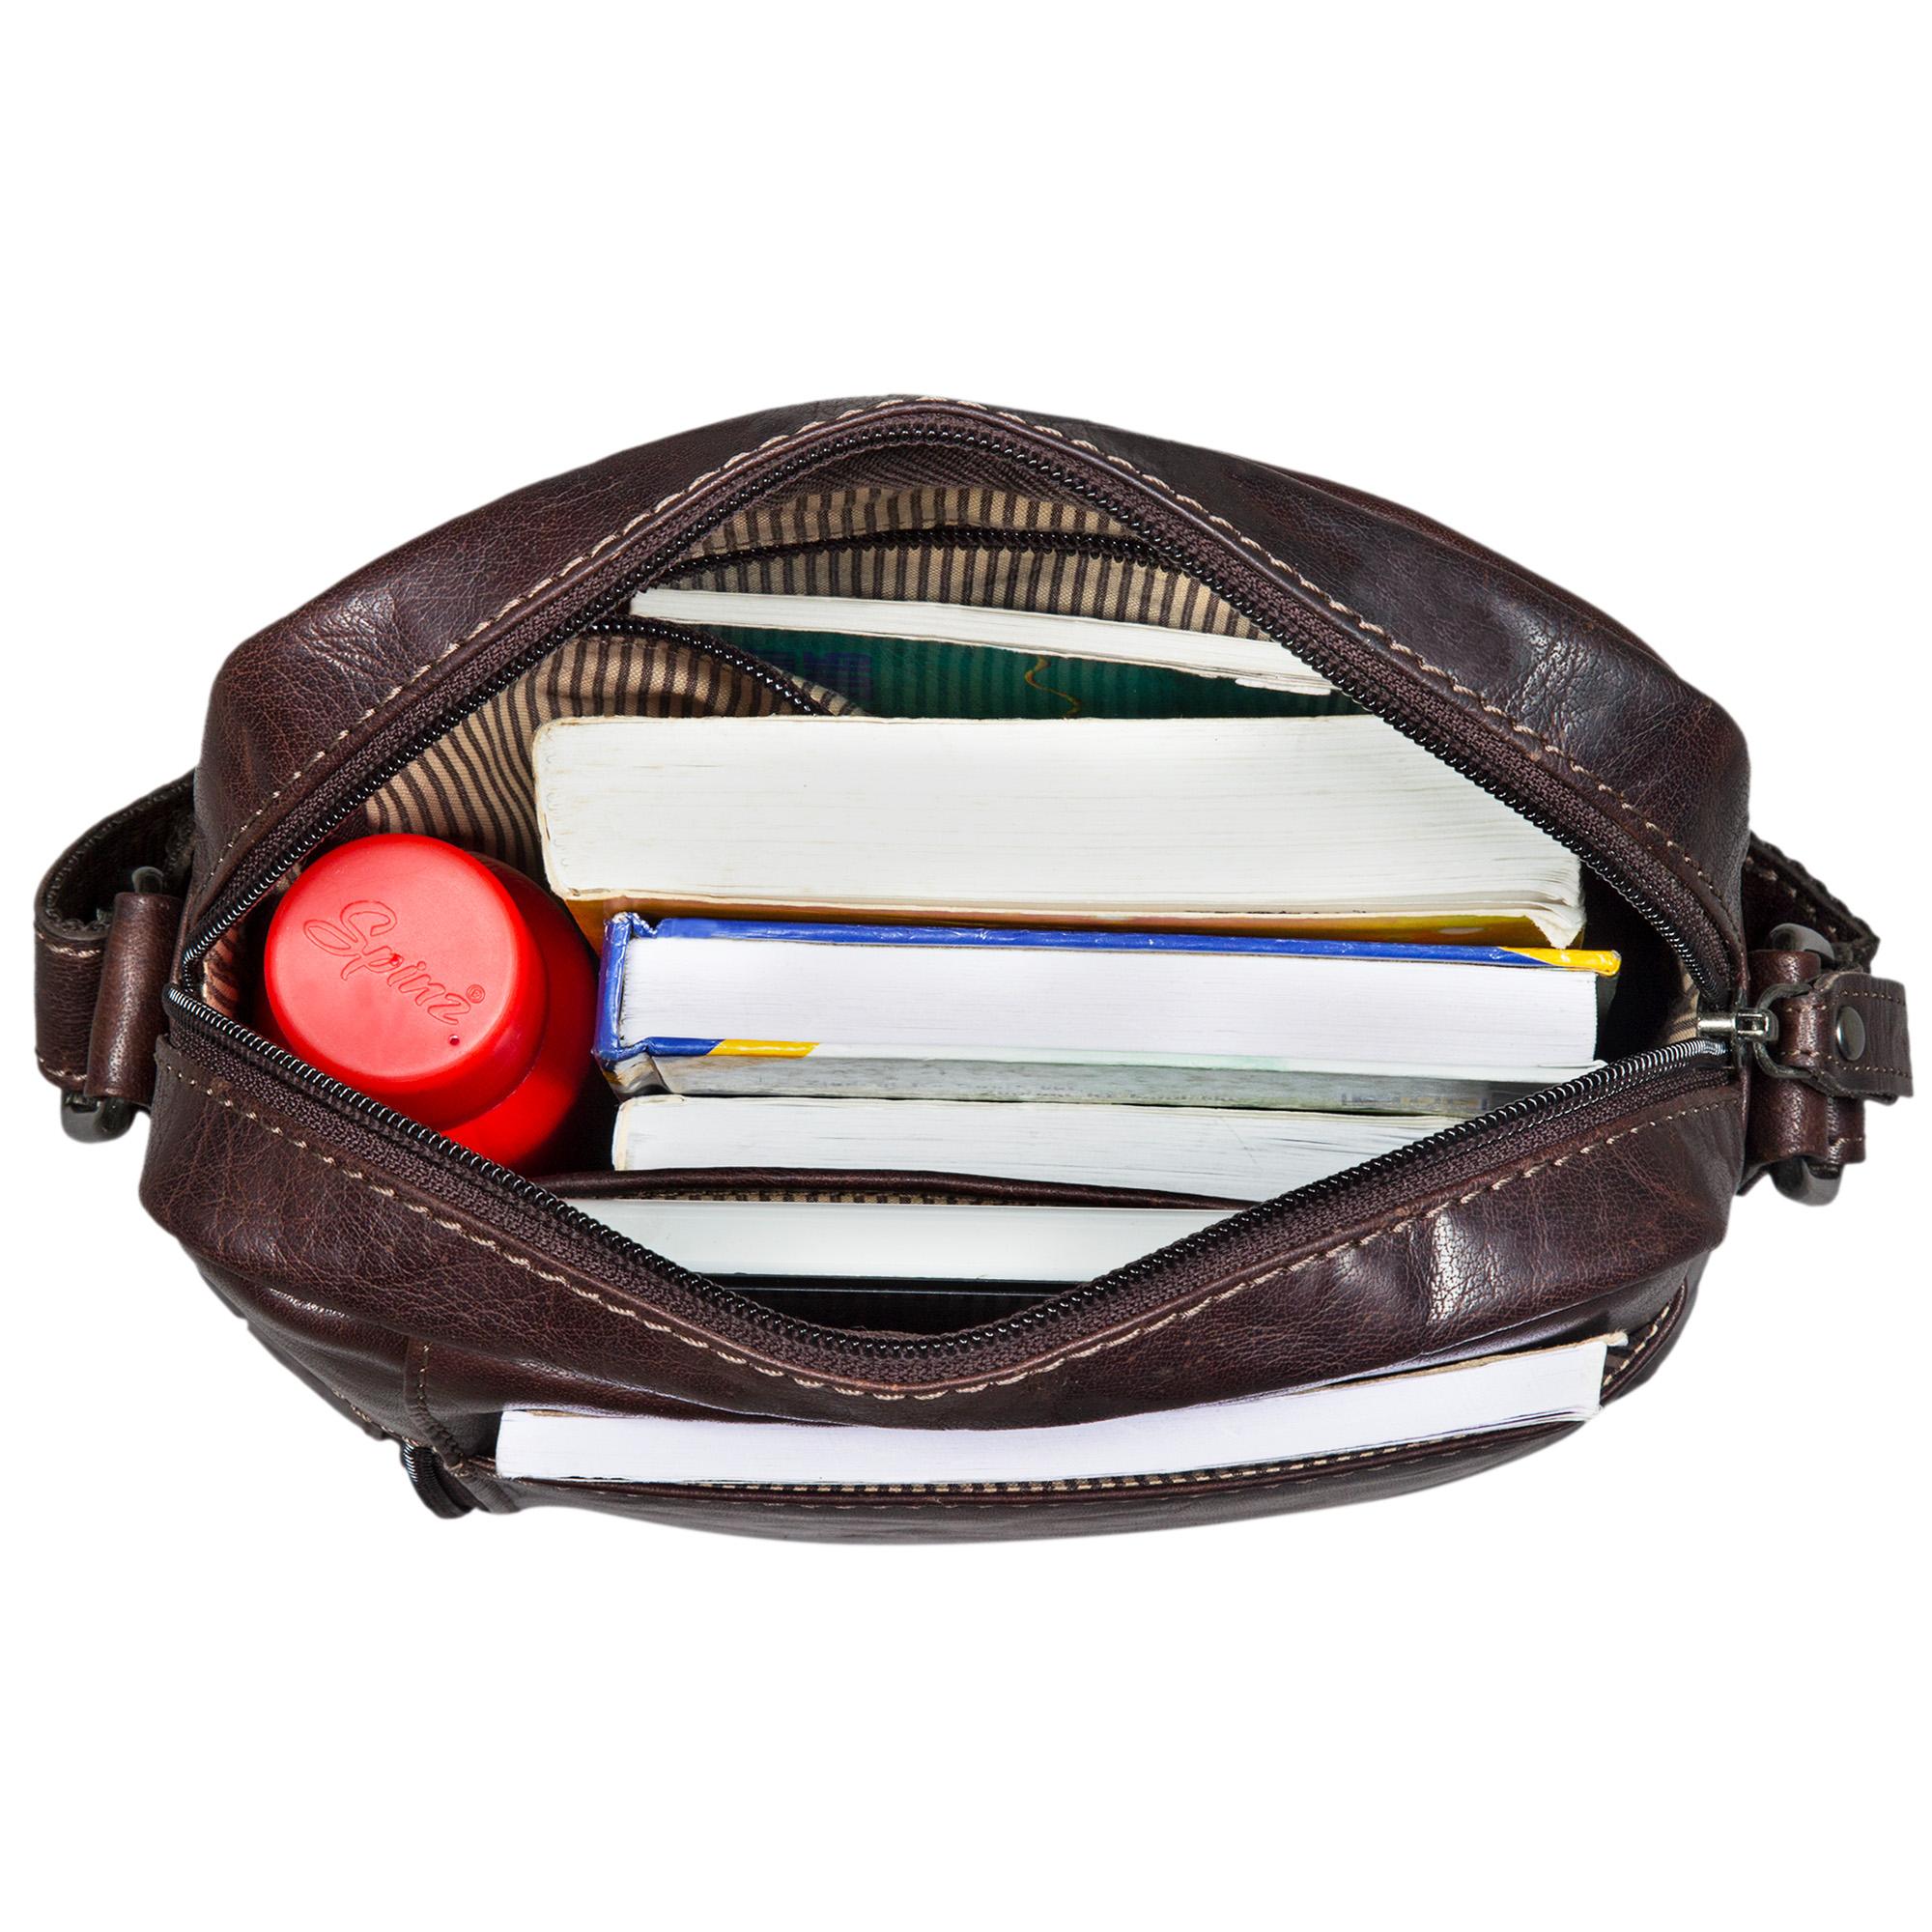 """STILORD """"Quentin"""" kleine Ledertasche Herren Umhängetasche für iPad Hülle 10,1 Zoll Tablettasche Herrentasche Messenger Bag Vintage Rindsleder  - Bild 4"""